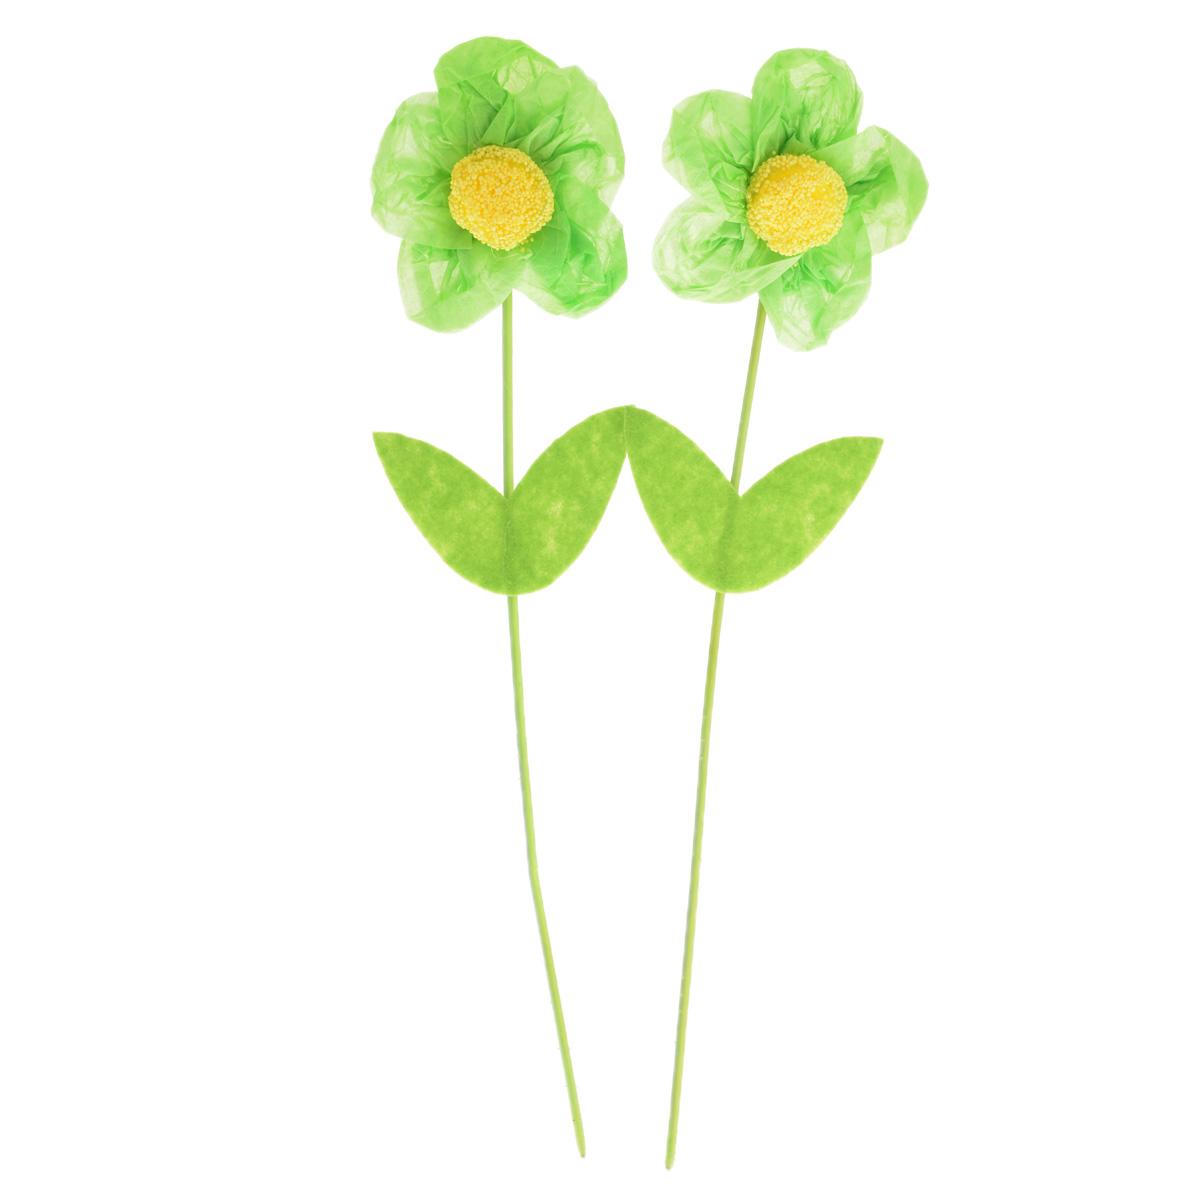 Набор декоративных украшений Home Queen Цветок, цвет: зеленый, 2 шт, высота 25 см60737_1Набор Home Queen Цветок состоит из двух декоративных украшений, изготовленных в виде цветов из бумаги, пластика и полиэстера. Украшения помогут вам украсить дом, а также оформить подарки дляваших близких. В стебли цветков вставлена металлическая проволока, благодаря чему они легко гнутся. С помощью таких украшений вы сможете оживить интерьер по своему вкусу. Высота цветка: 25 см. Диаметр цветка: 5,5 см.